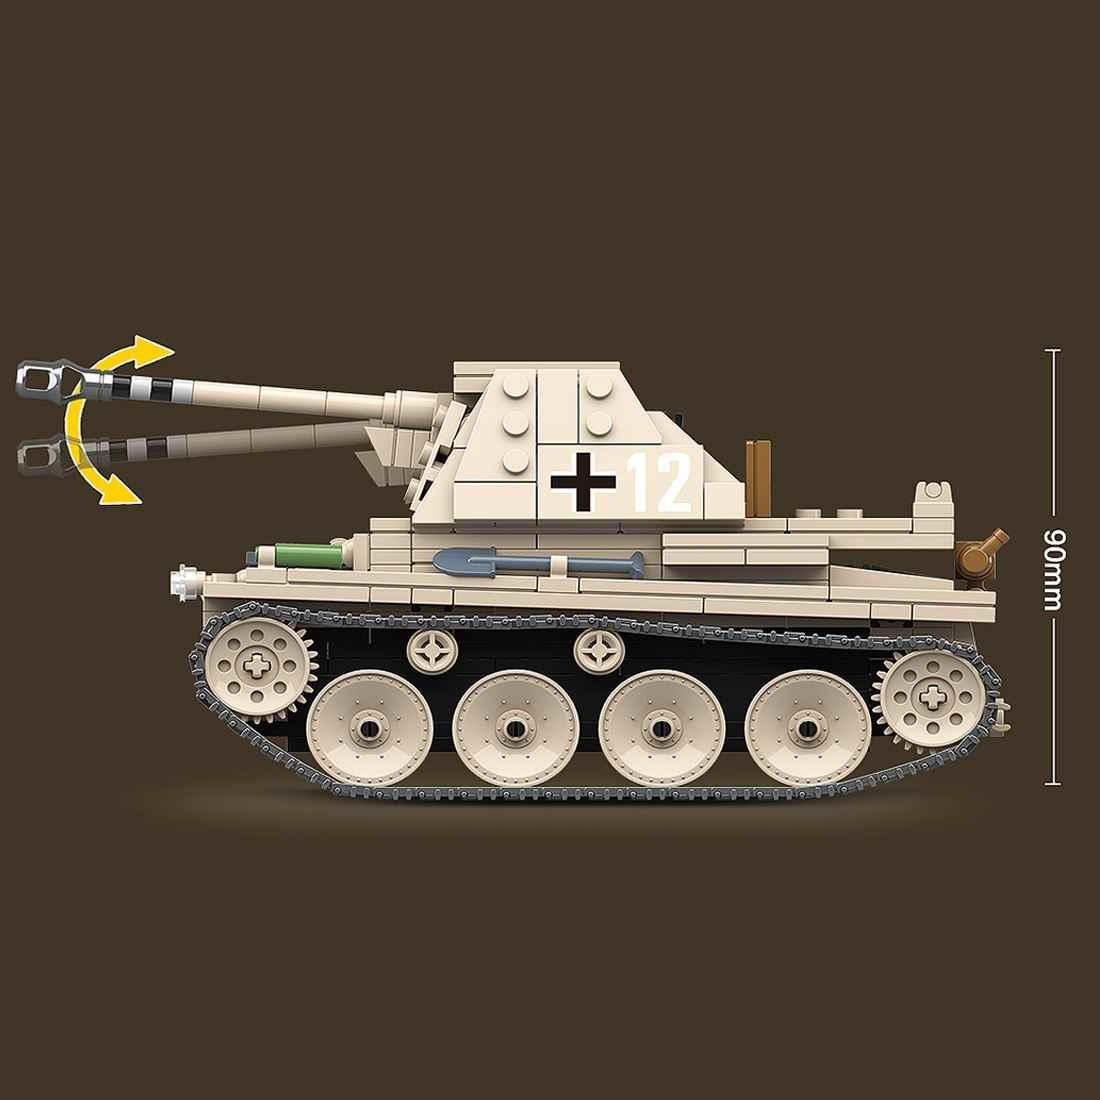 608 pièces Weasel III Anti-Tank Blaster briques bricolage petite particule militaire blocs de construction modèle ensemble assemblage jouets pour enfants cadeaux